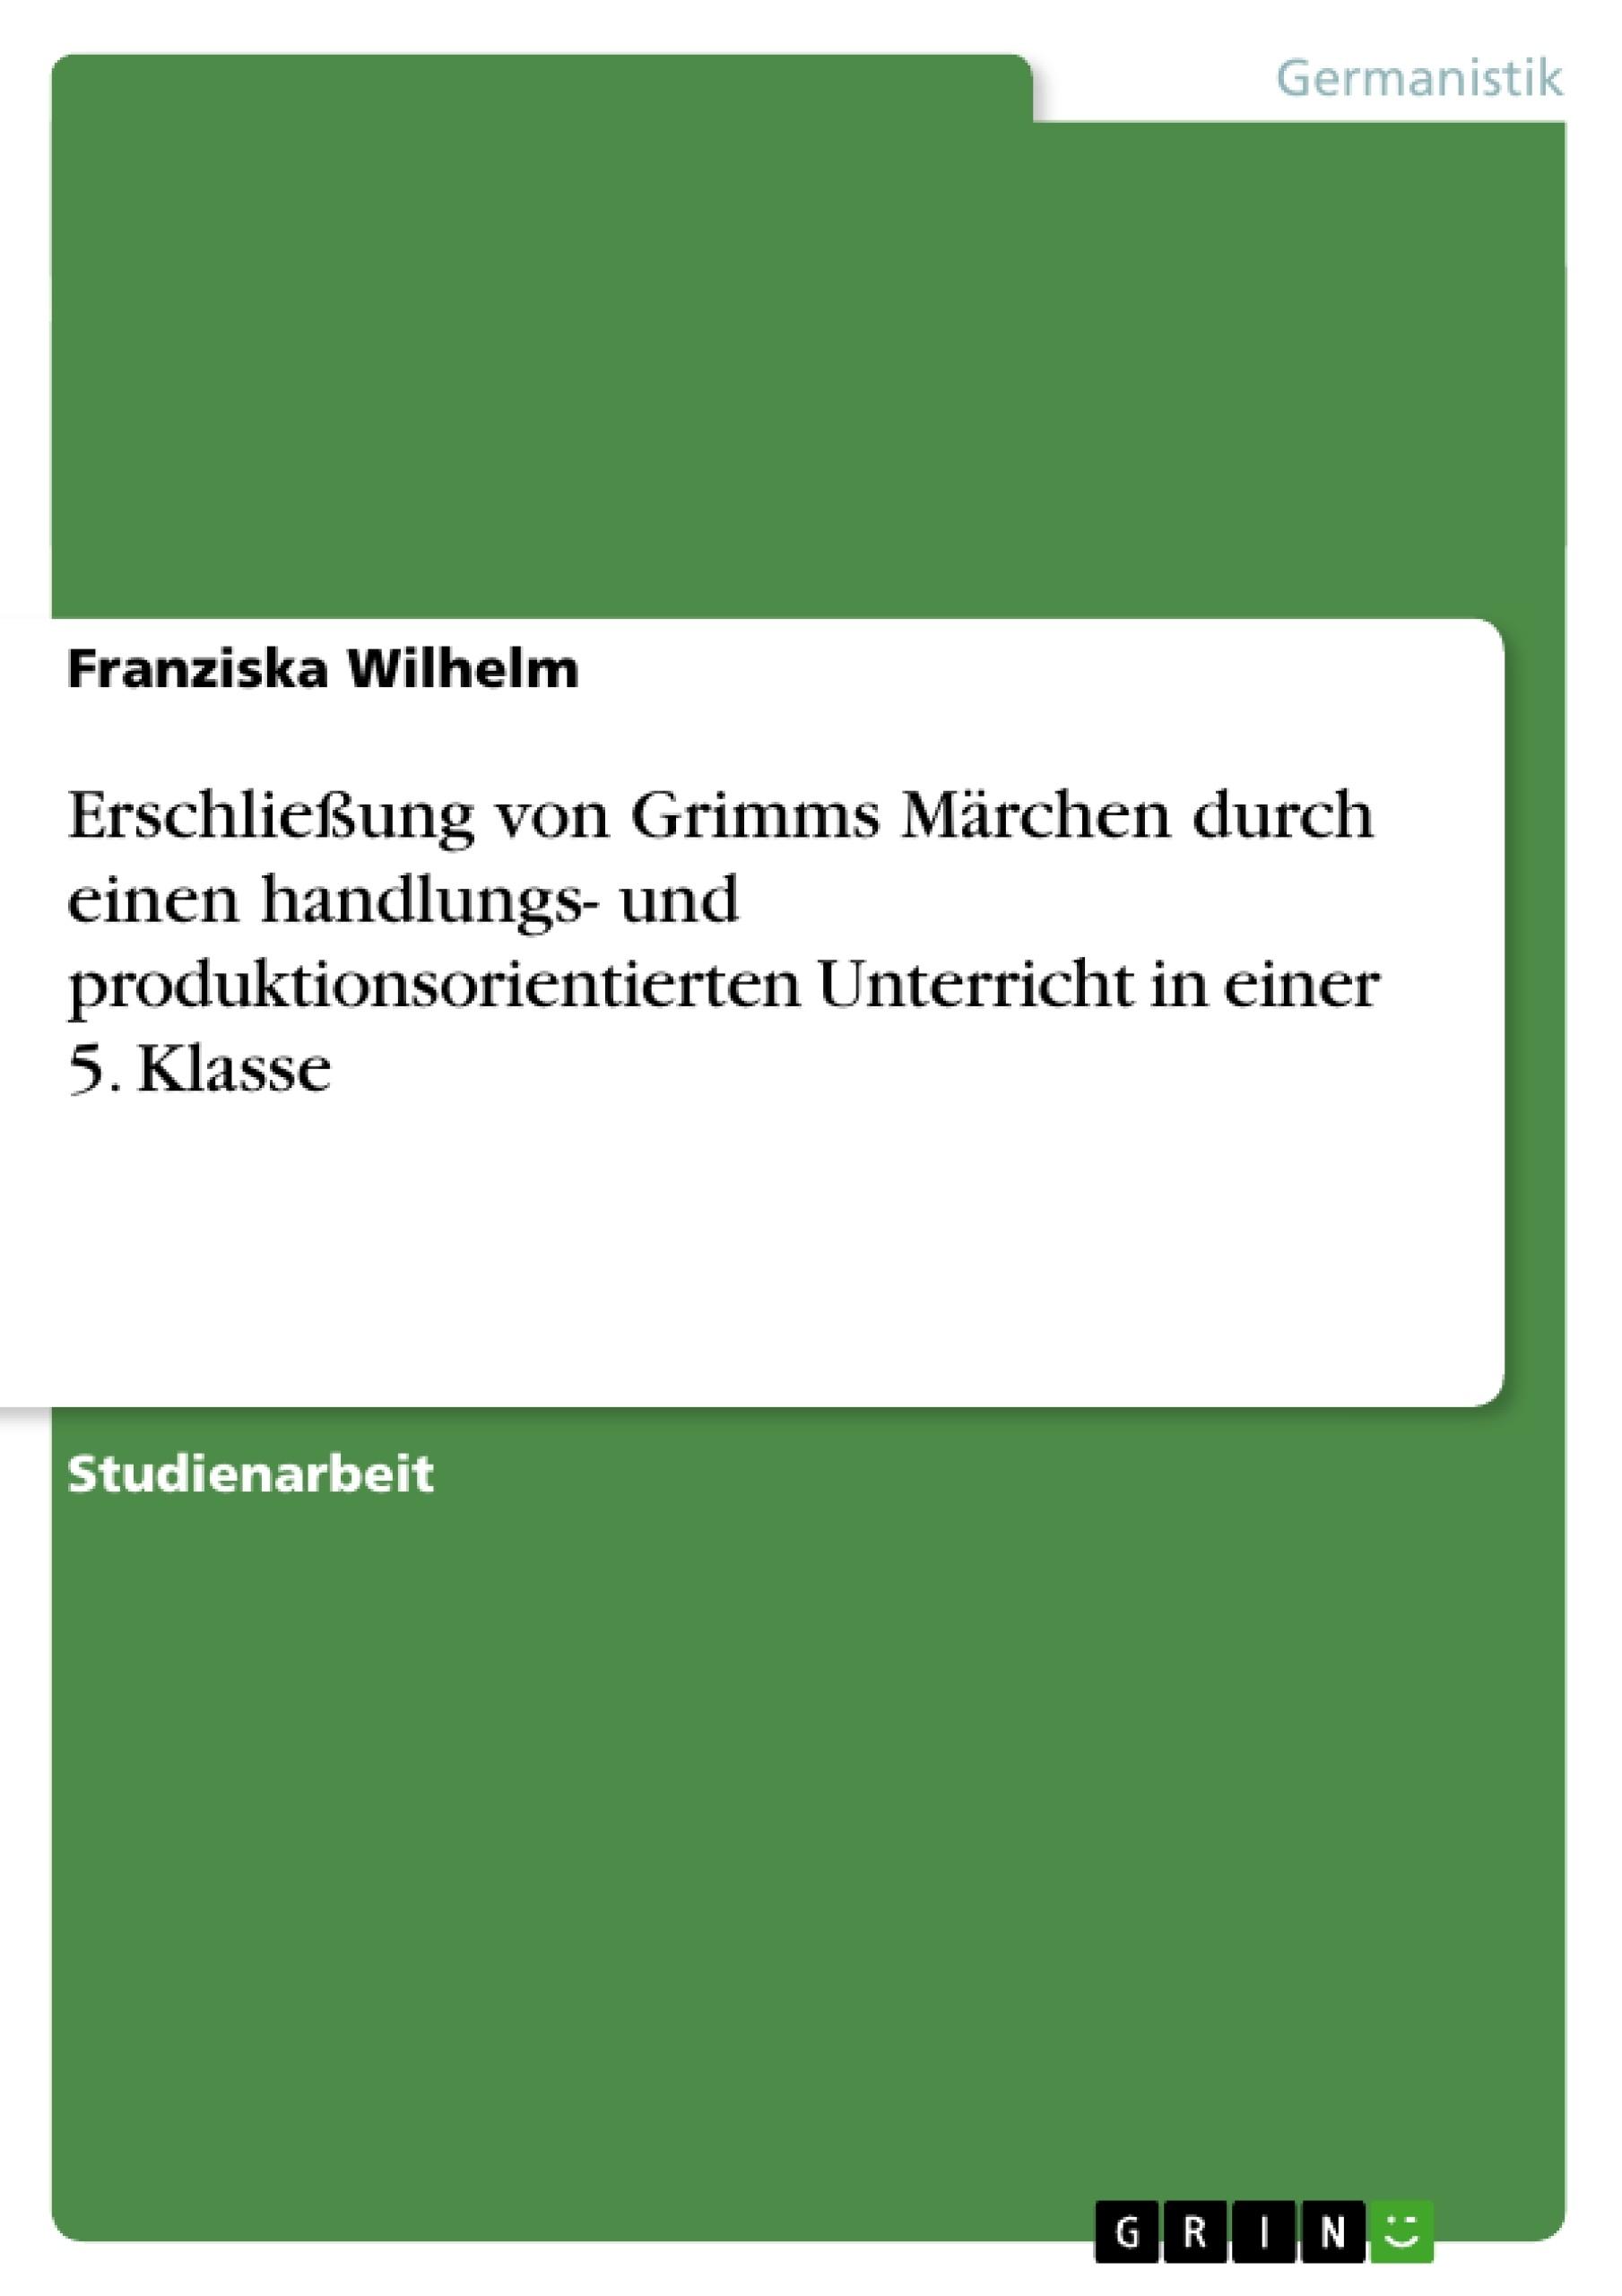 Titel: Erschließung von Grimms Märchen durch einen handlungs- und produktionsorientierten Unterricht in einer 5. Klasse